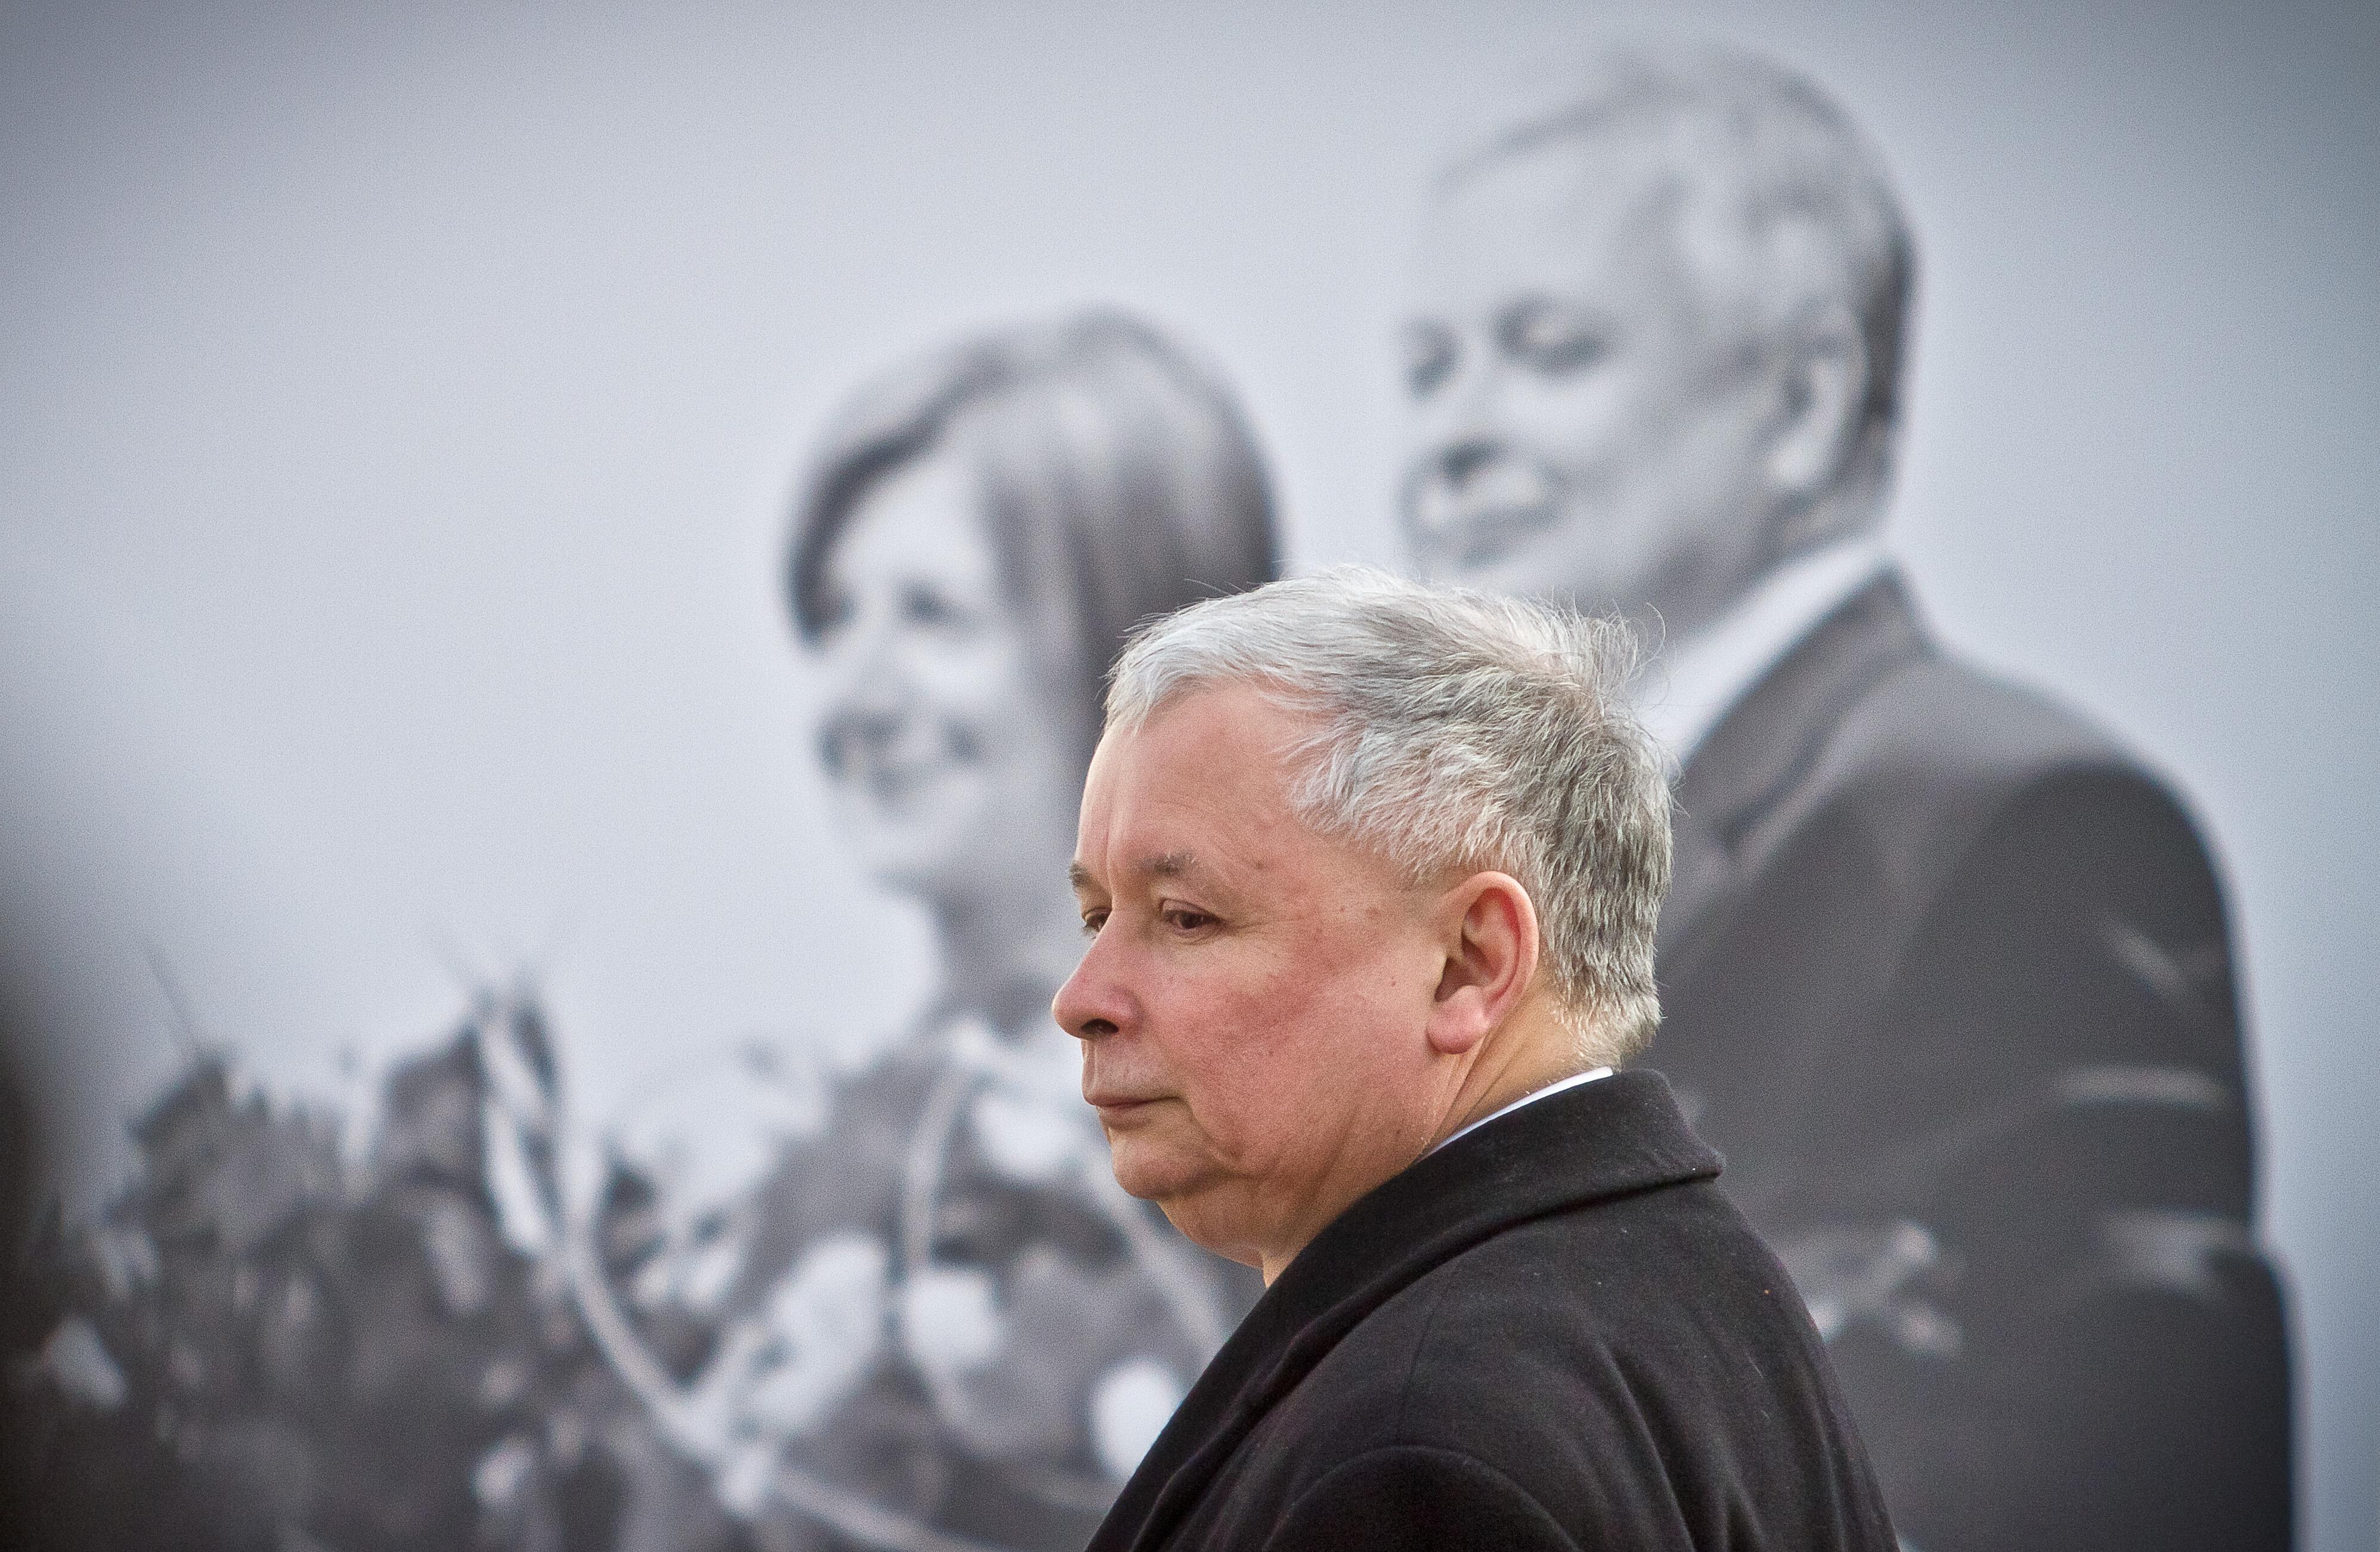 Orbánnak ma nagyon kell igyekeznie, hogy egyszerre feleljen meg Putyinnak és Kaczyńskinek